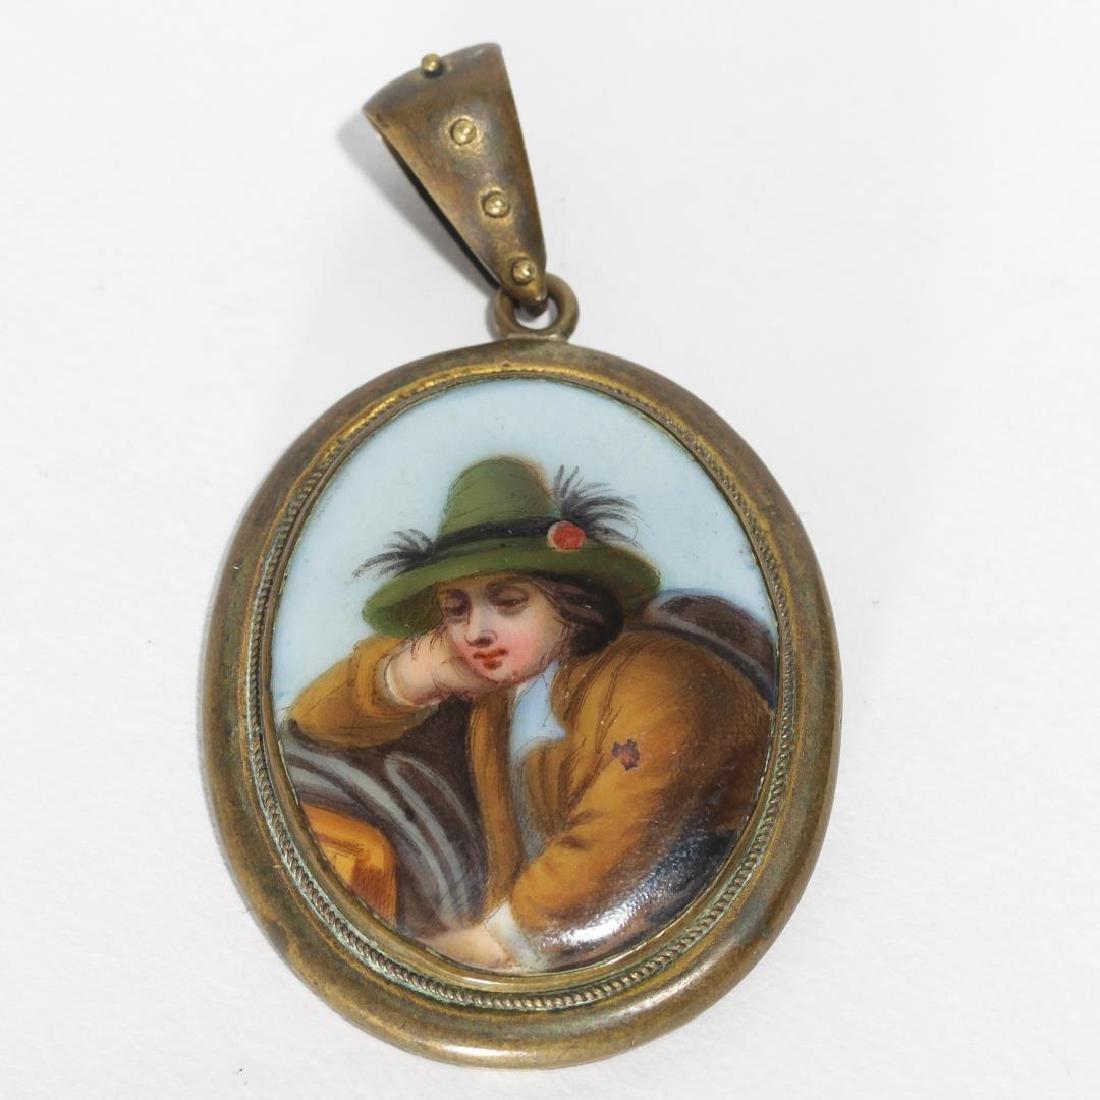 Antique Locket, with Enamel Genre Peasant Portrait